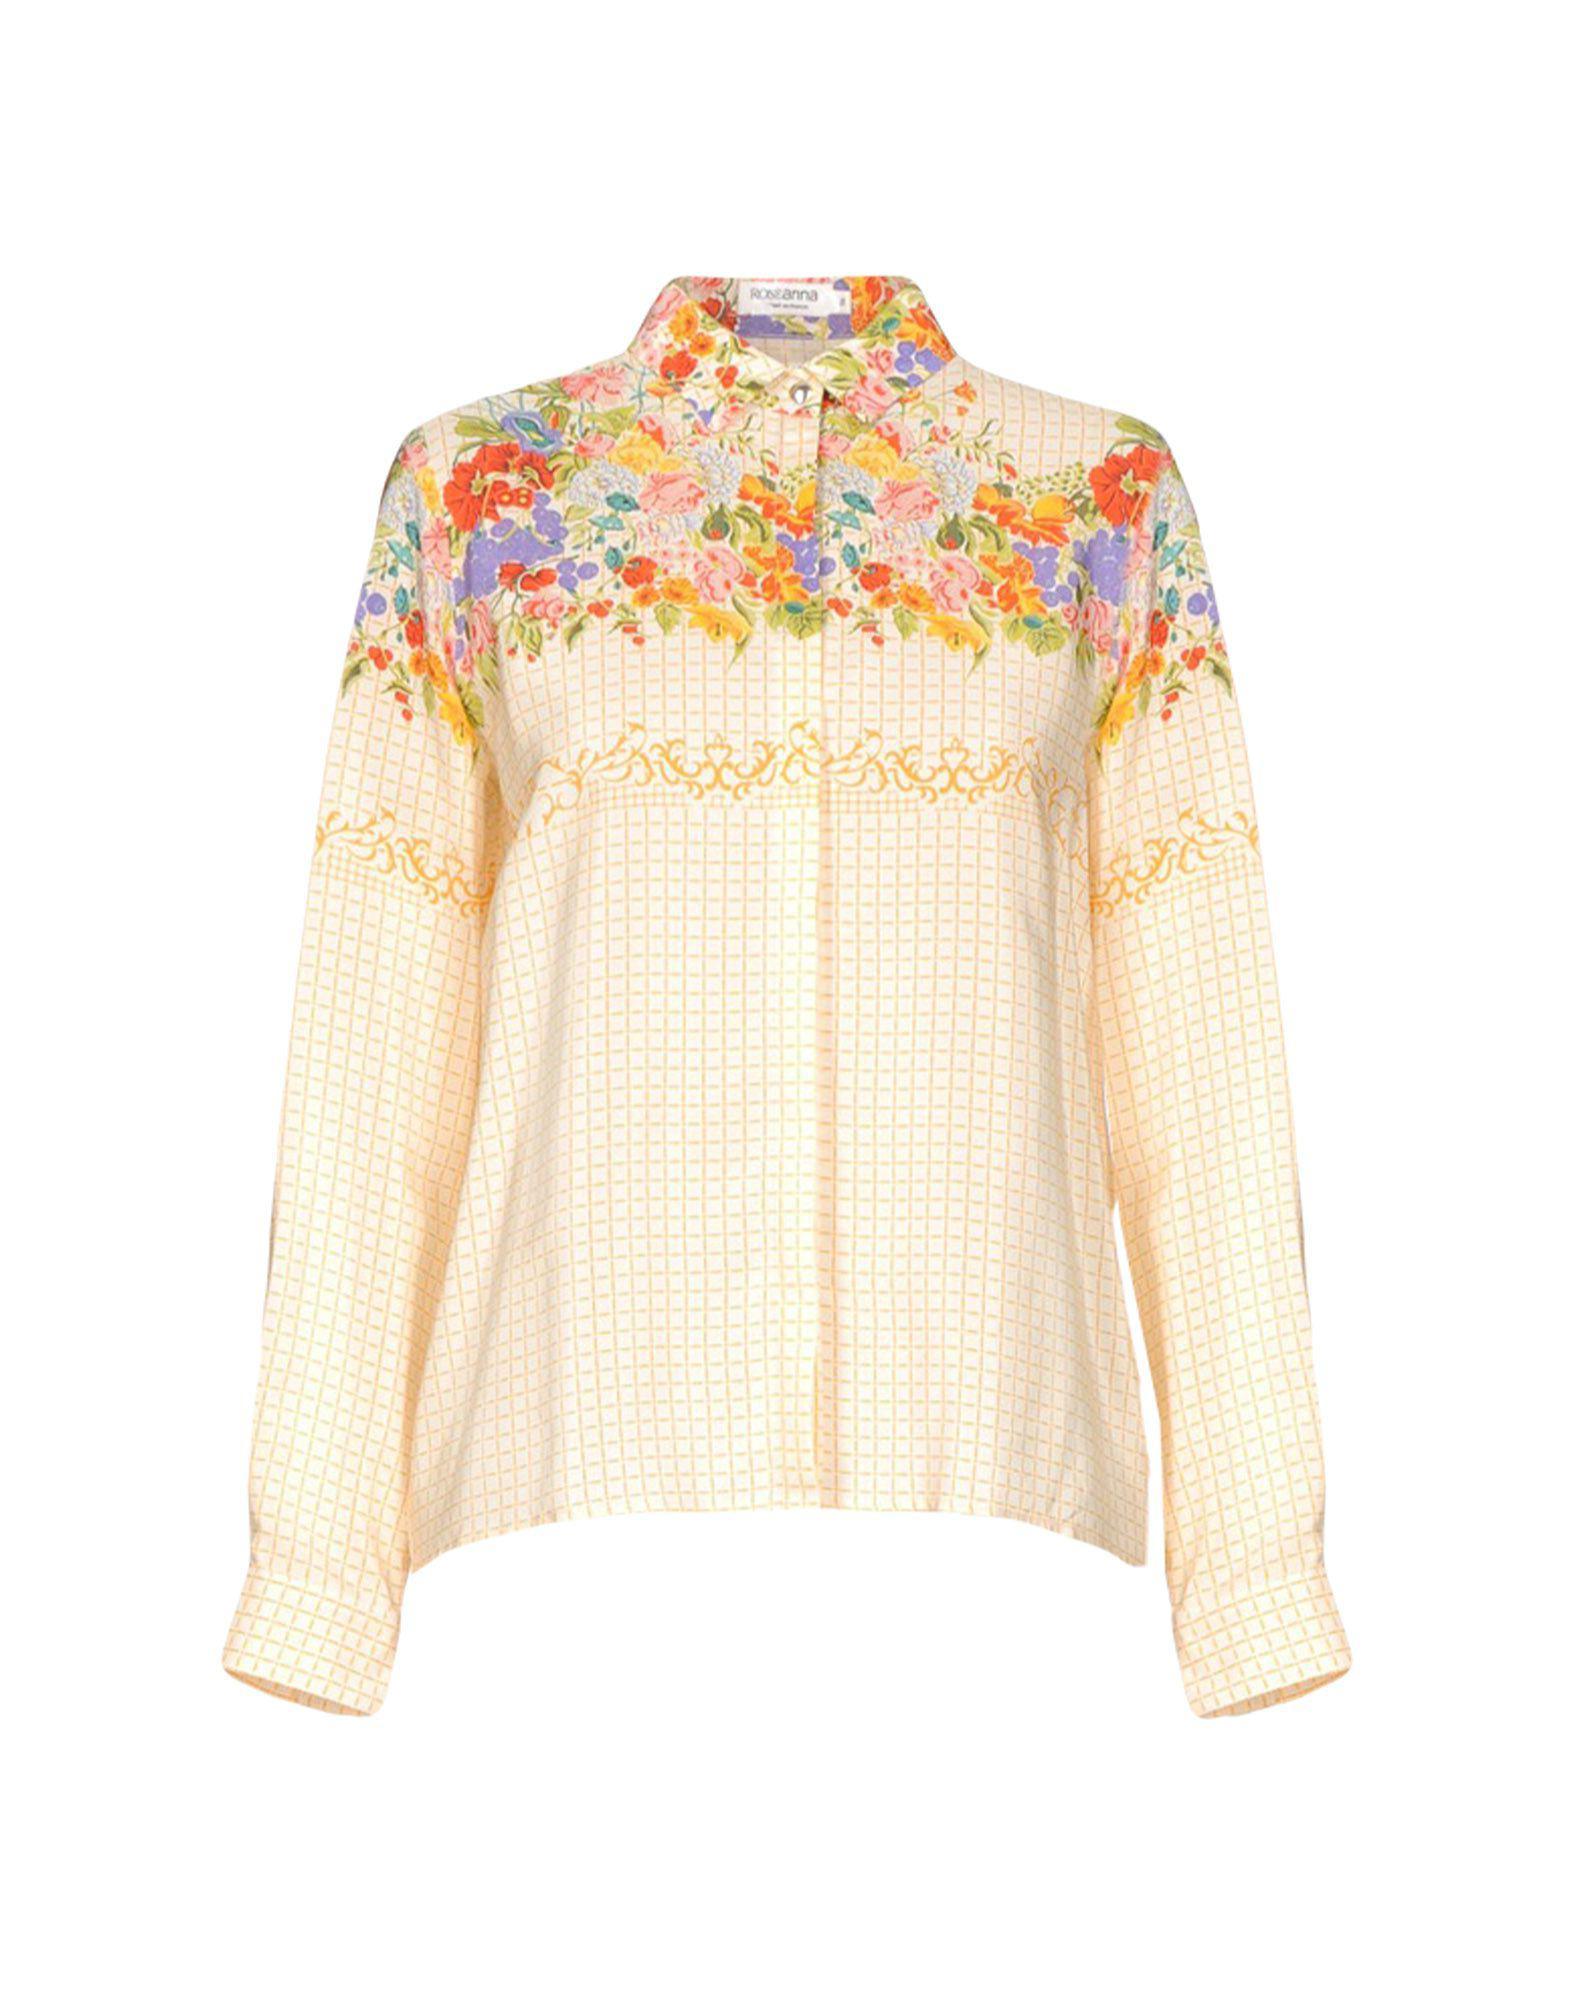 SHIRTS - Shirts Roseanna Marketable x07EYOs4